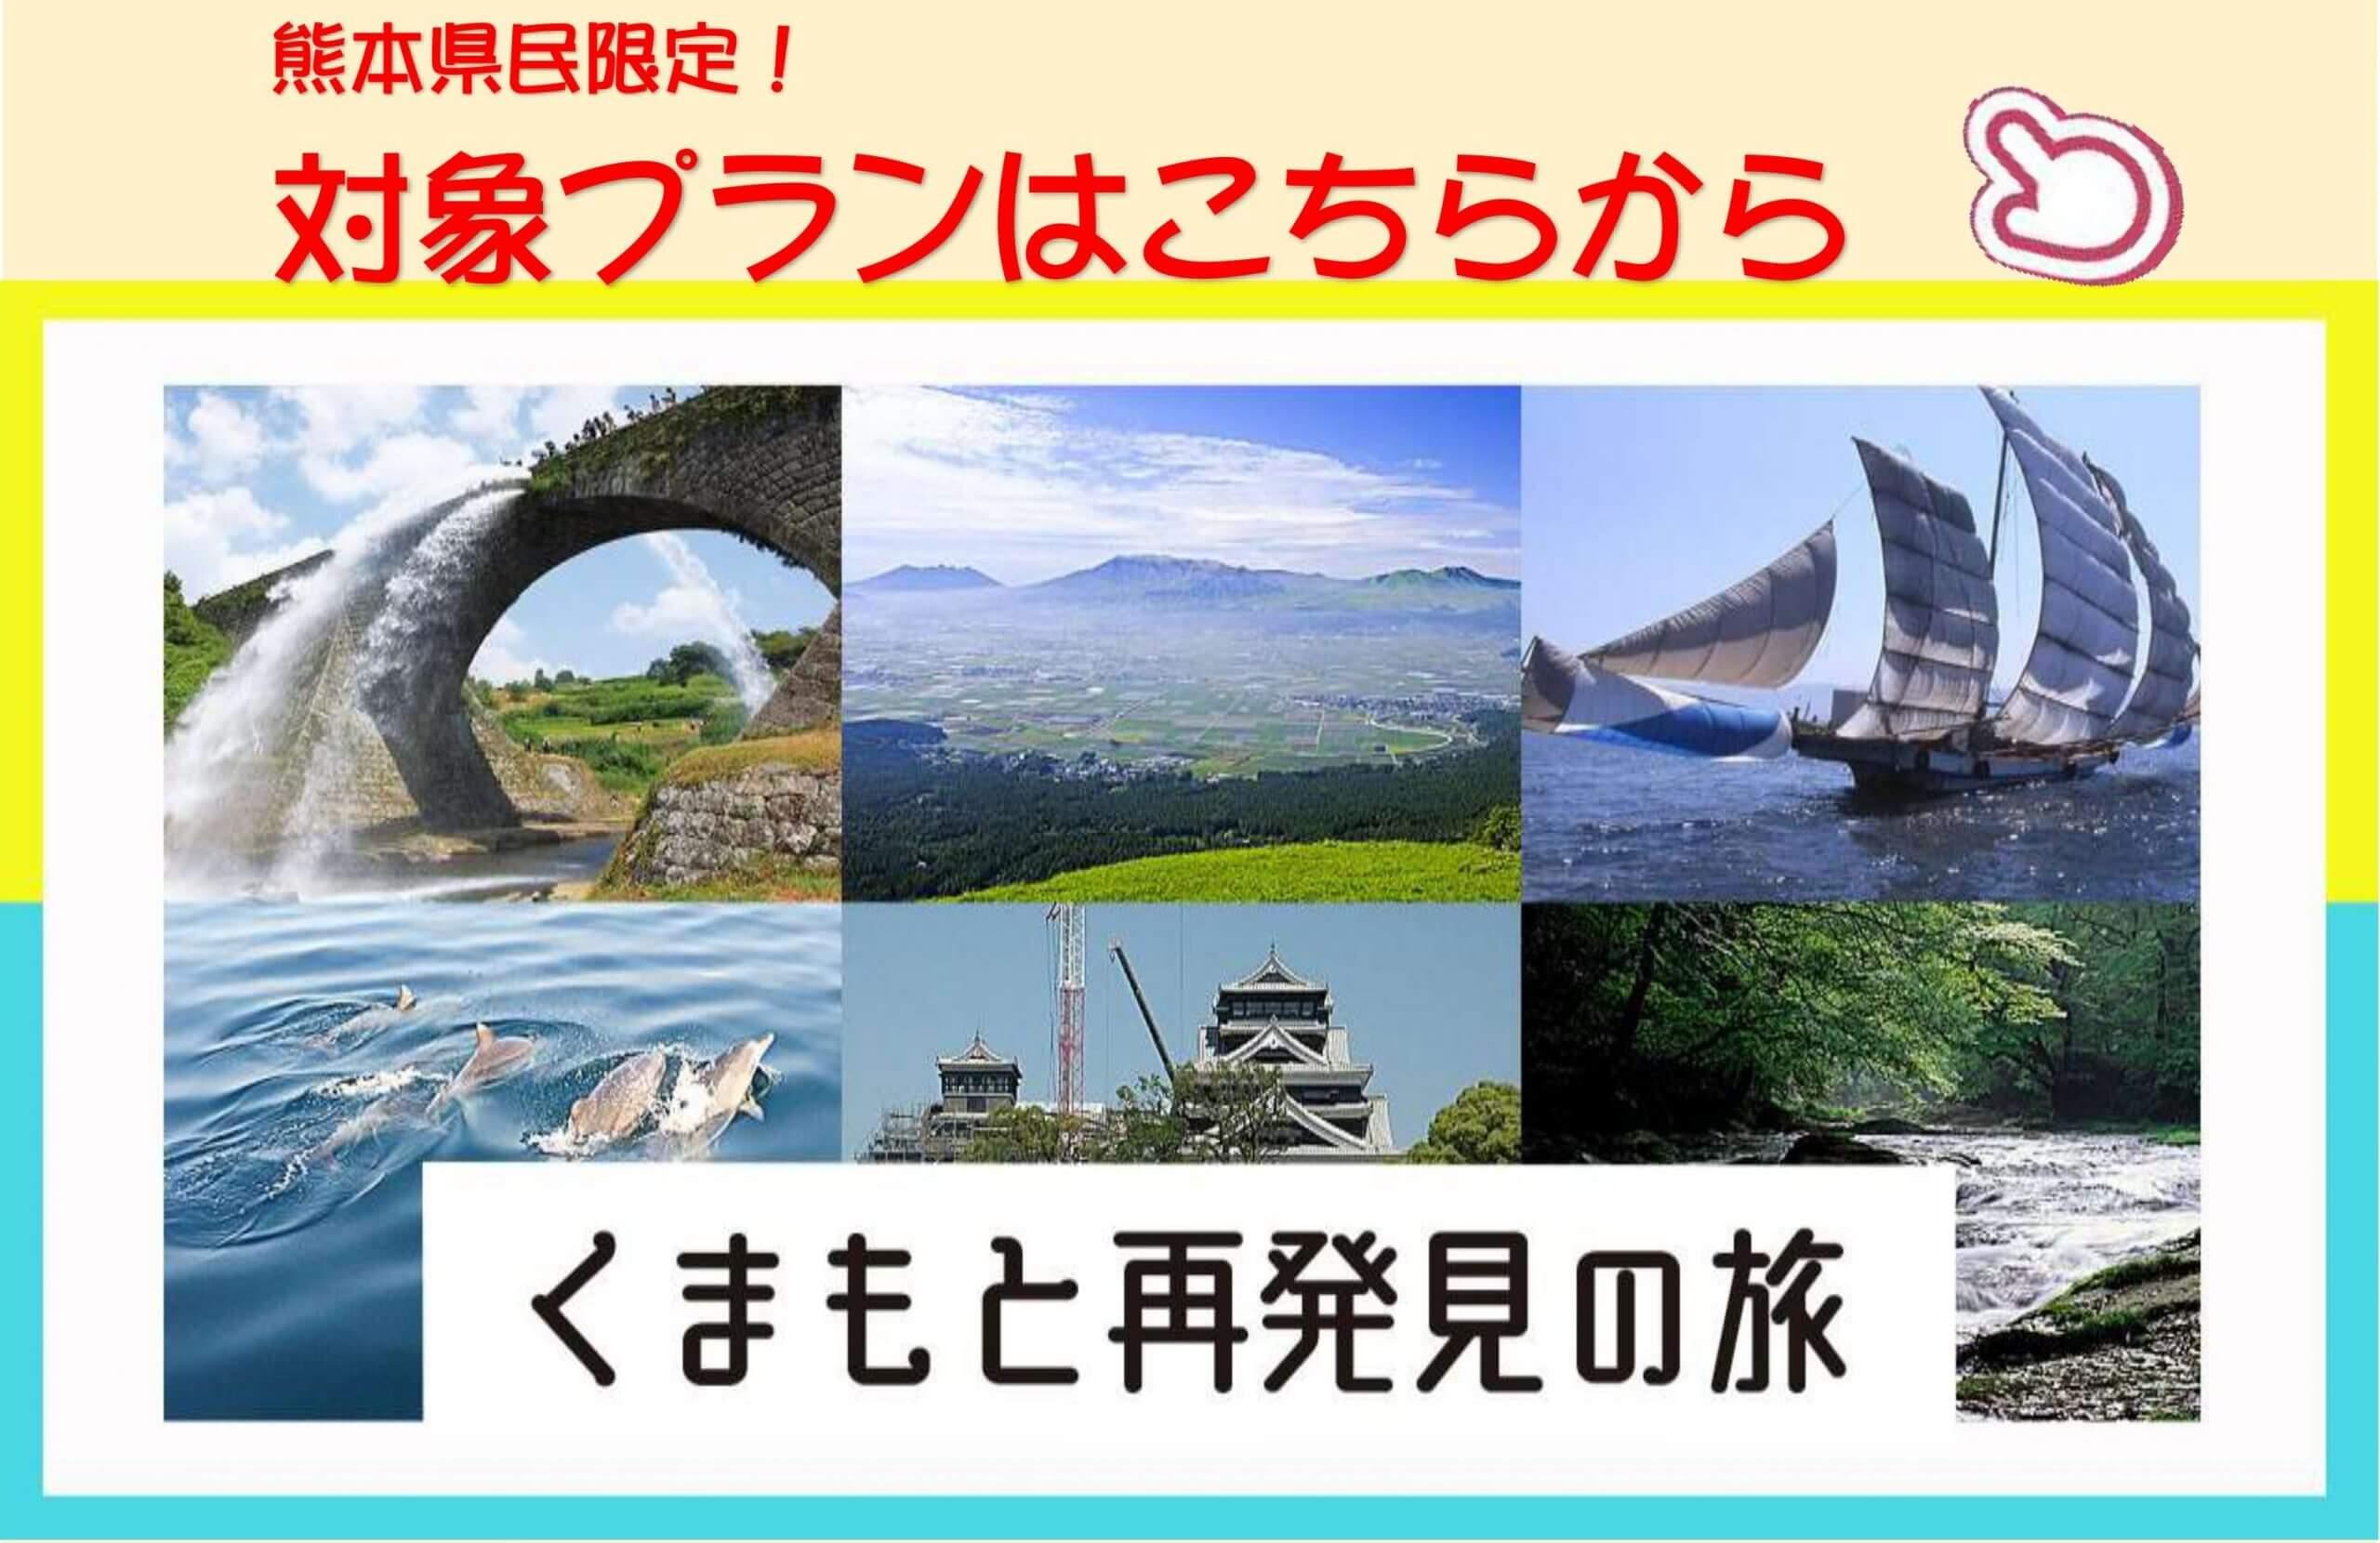 熊本再発見の旅